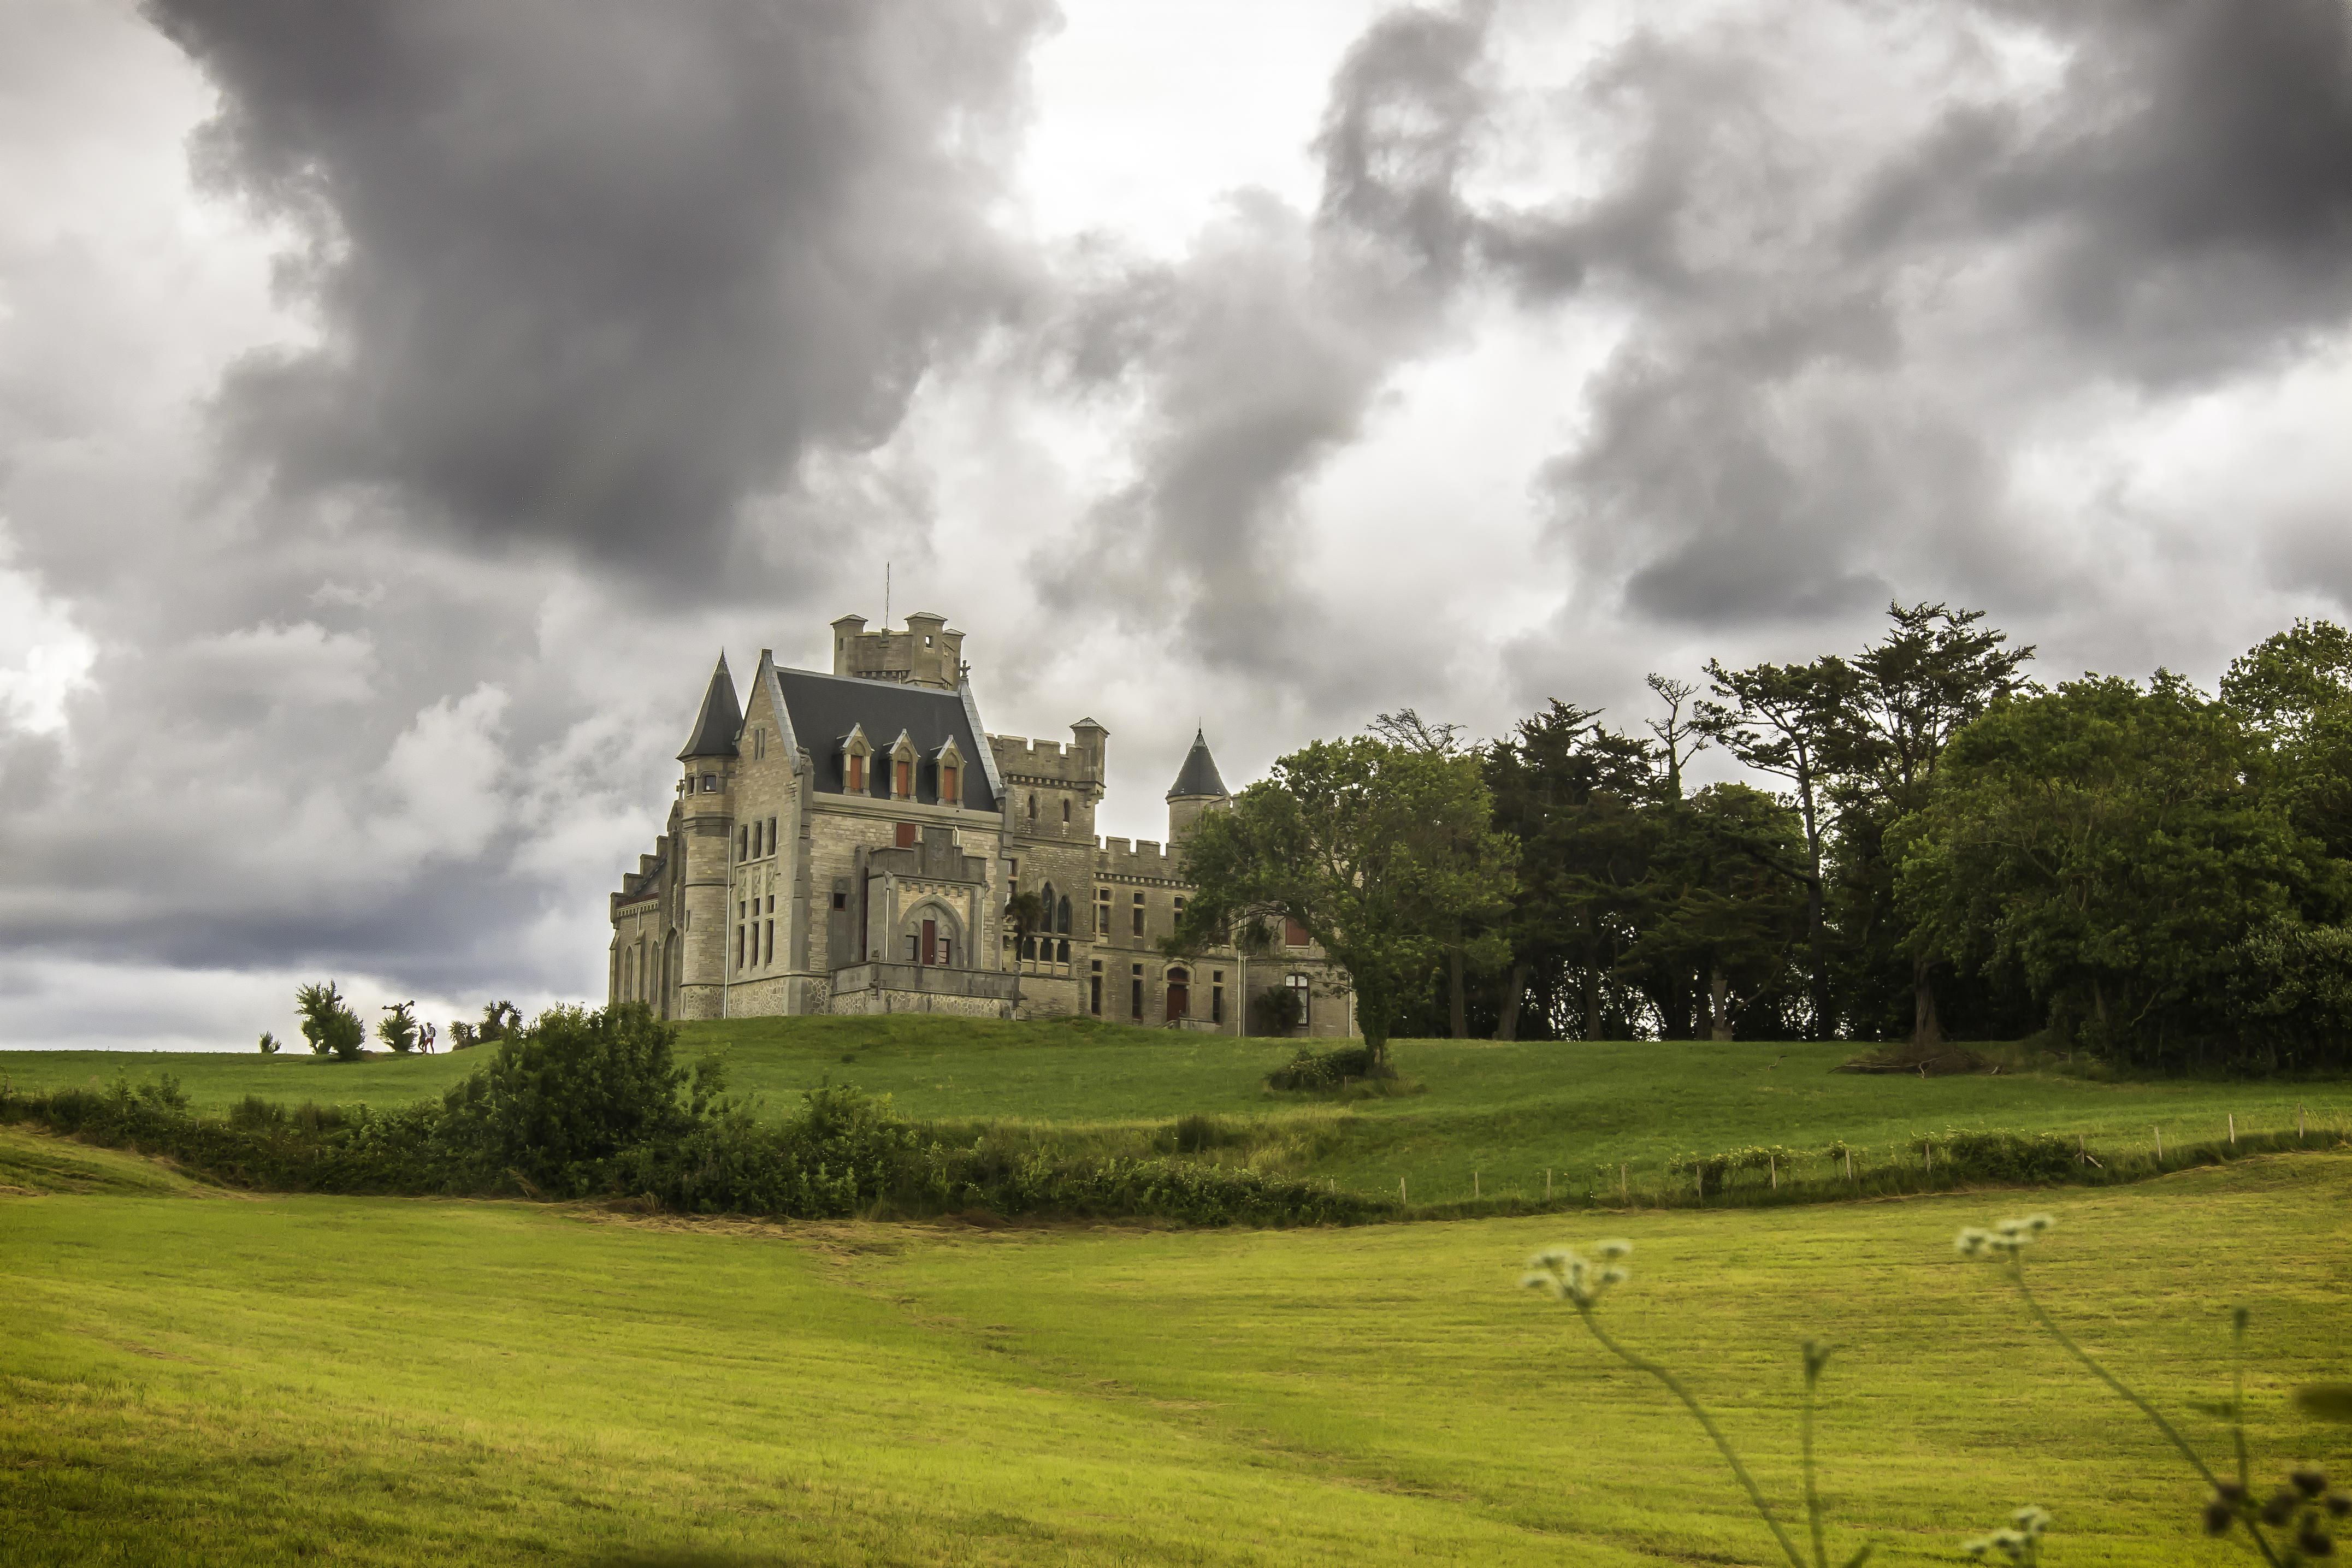 Château dans la tourmente, Chateau, Cloud, Field, France, HQ Photo